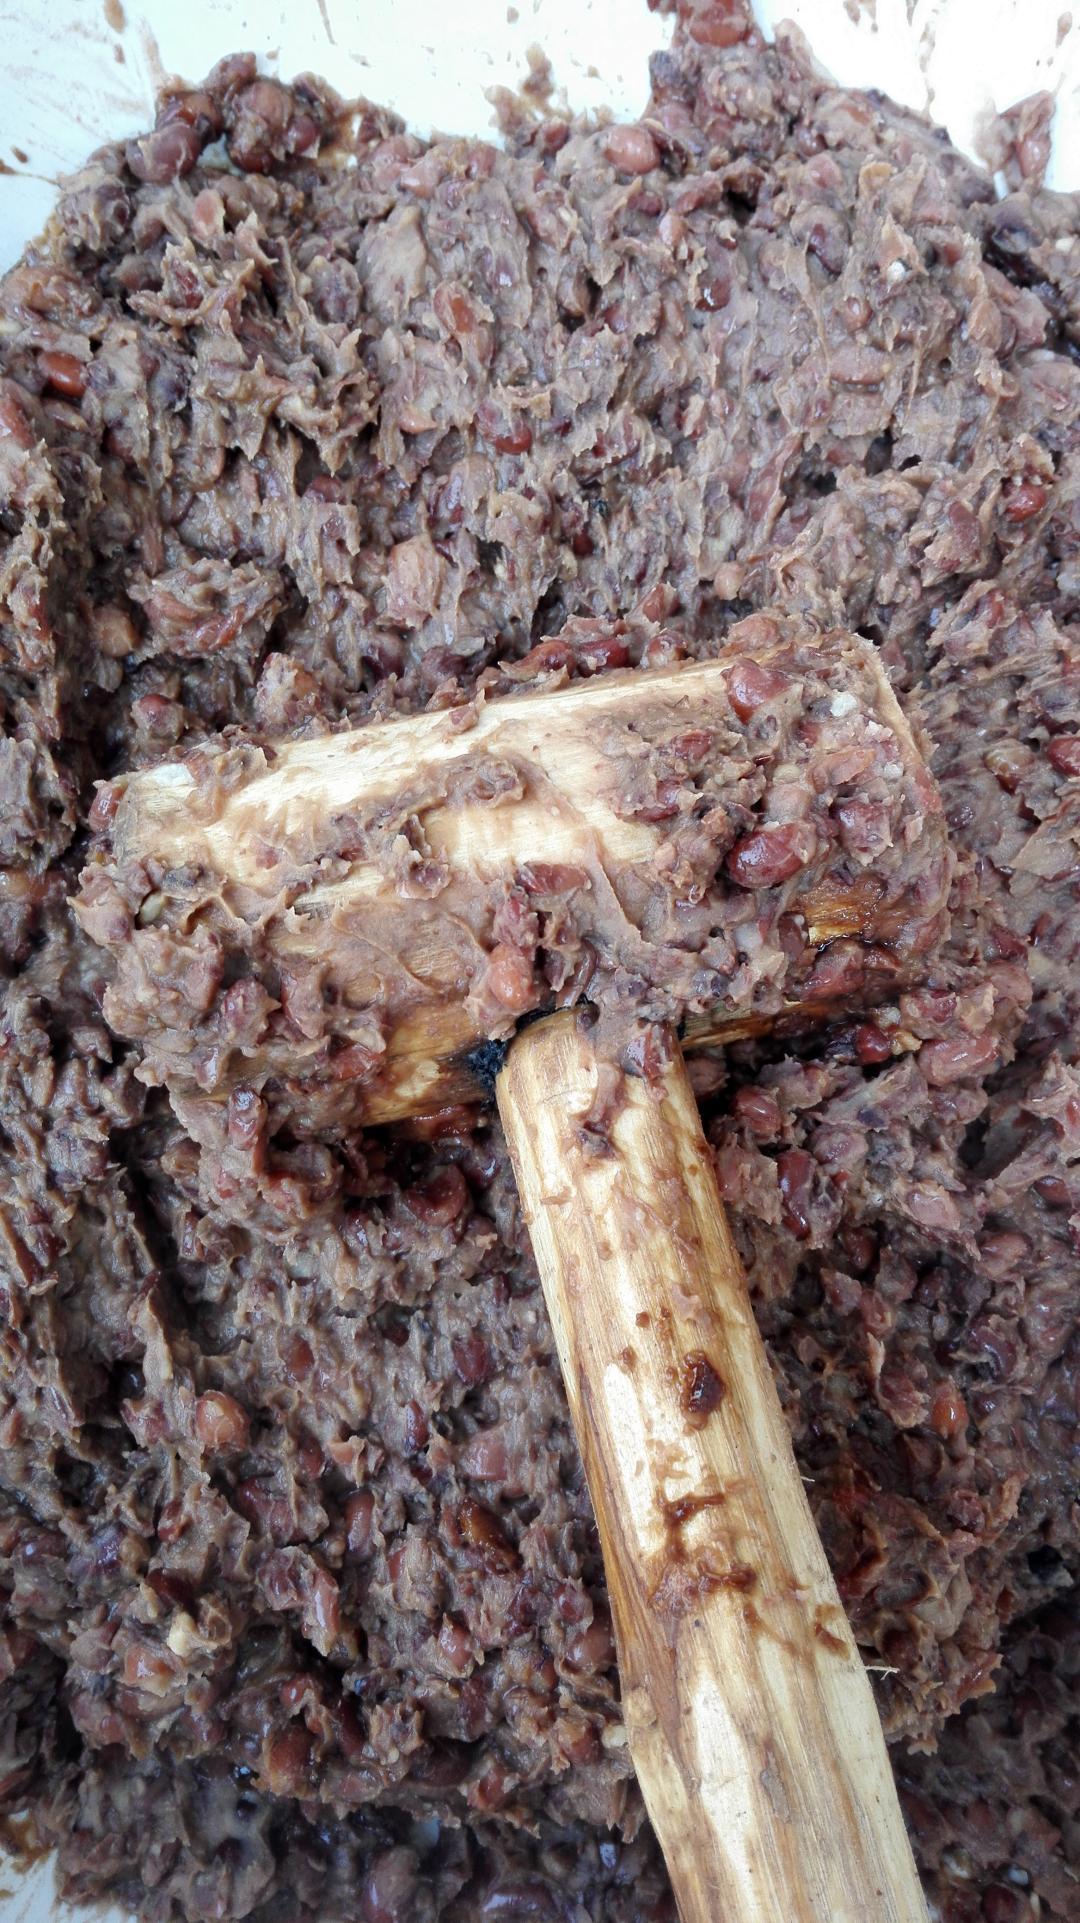 传统红豆沙熬制方法 - 平阴玫瑰甲天下 - 我心永恒博客乐园 平阴玫瑰甲天下